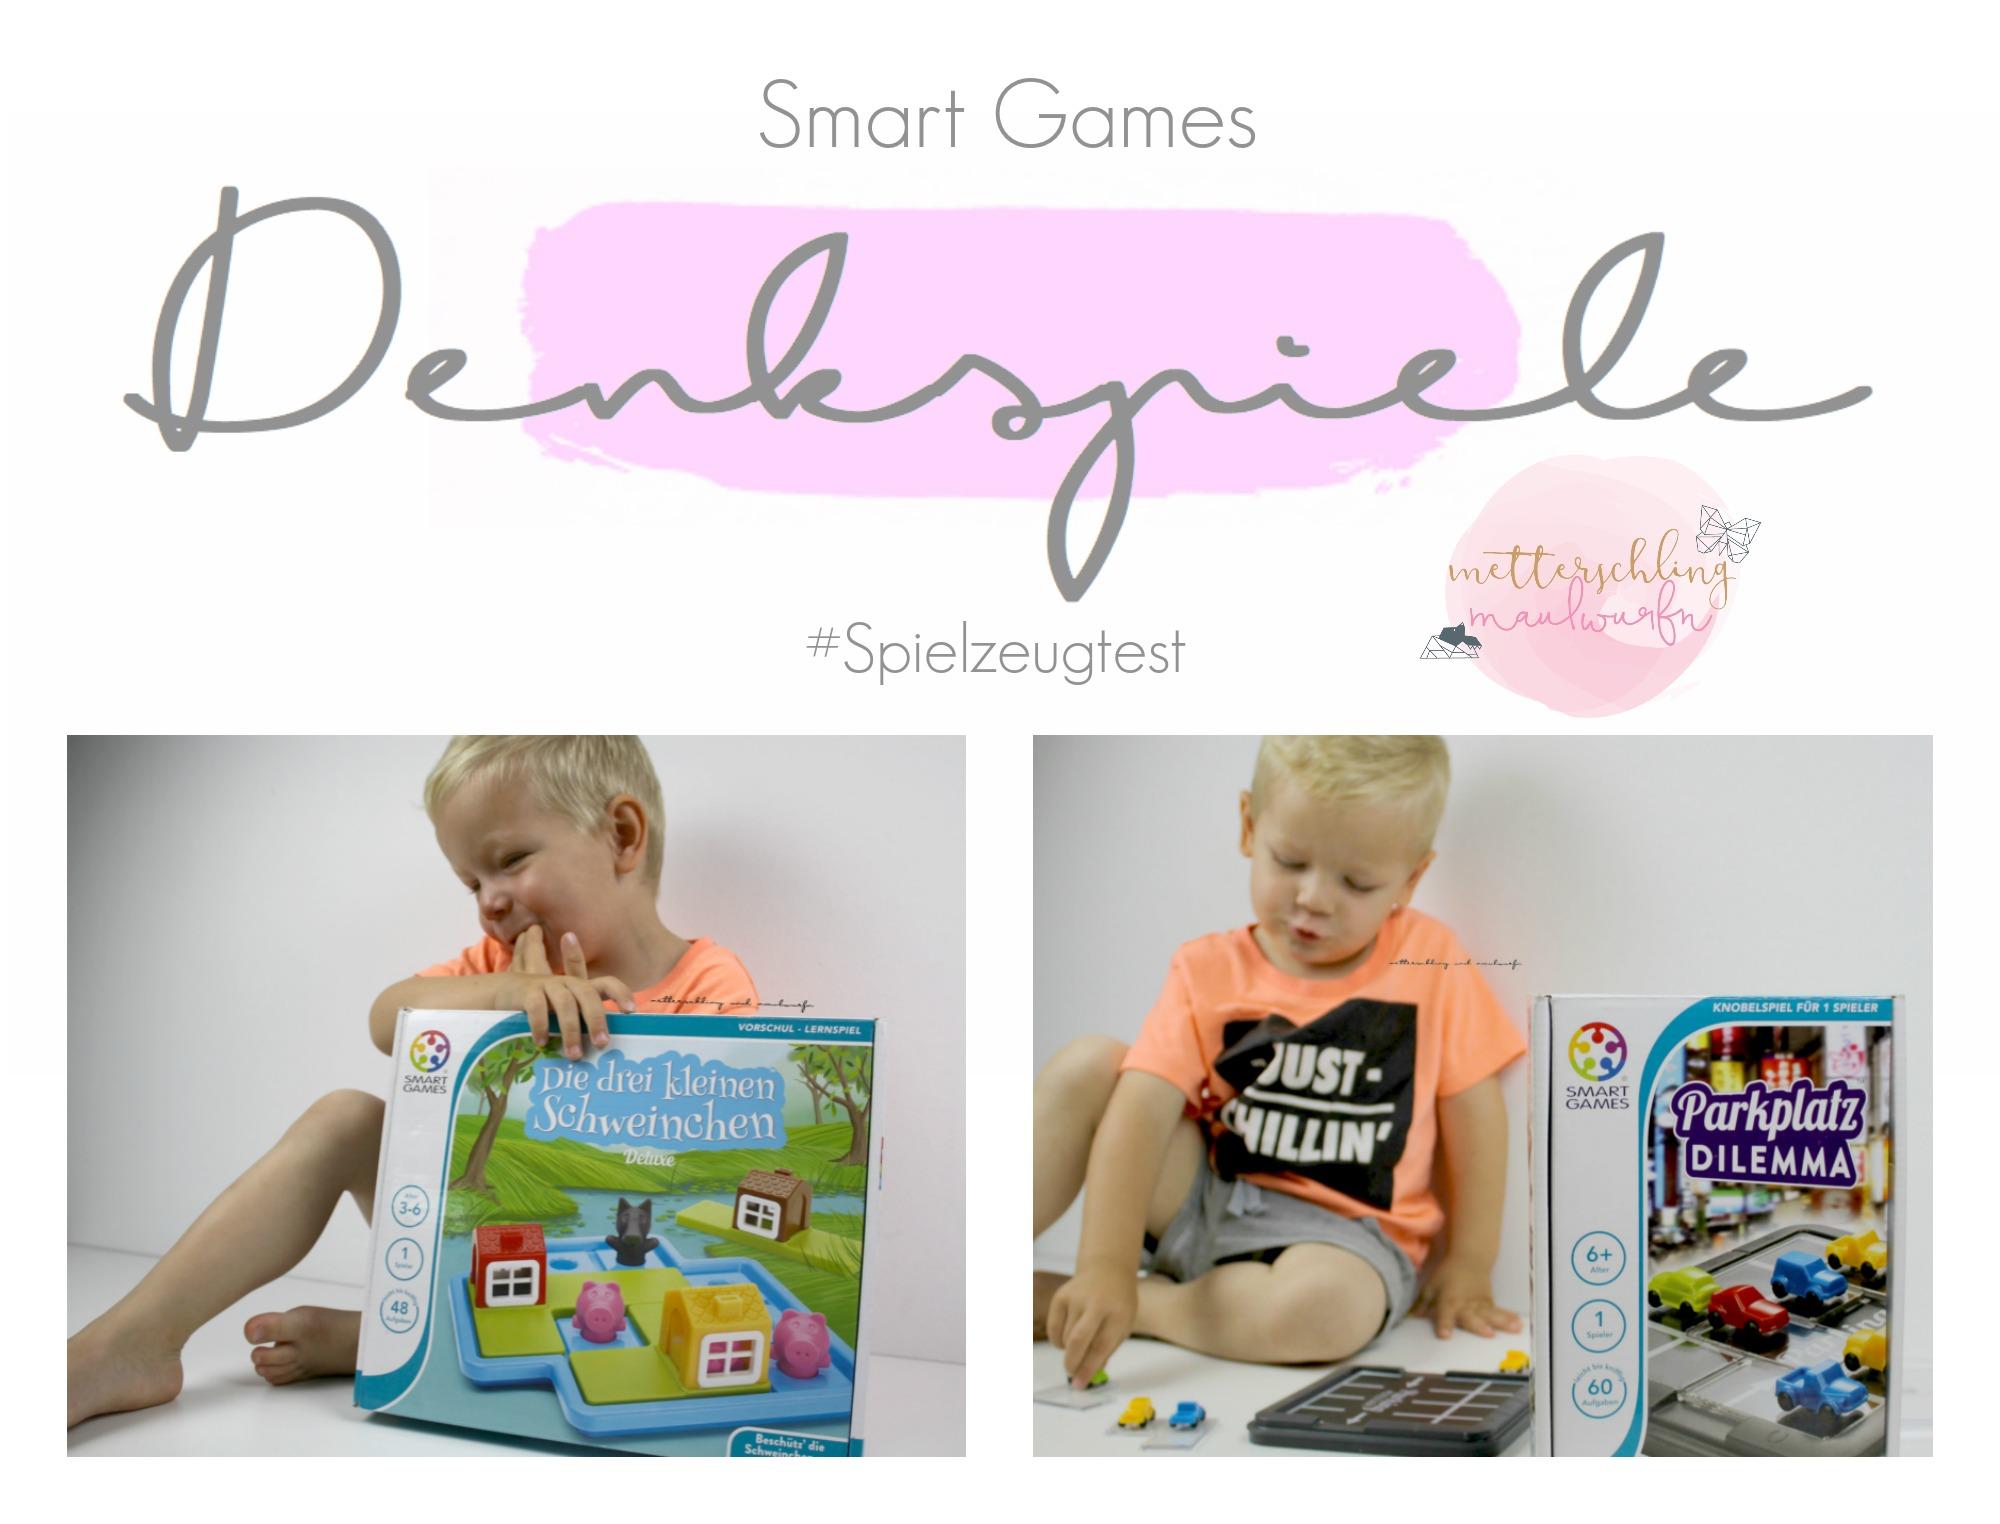 Denkspiele neu verpackt: Smart Games